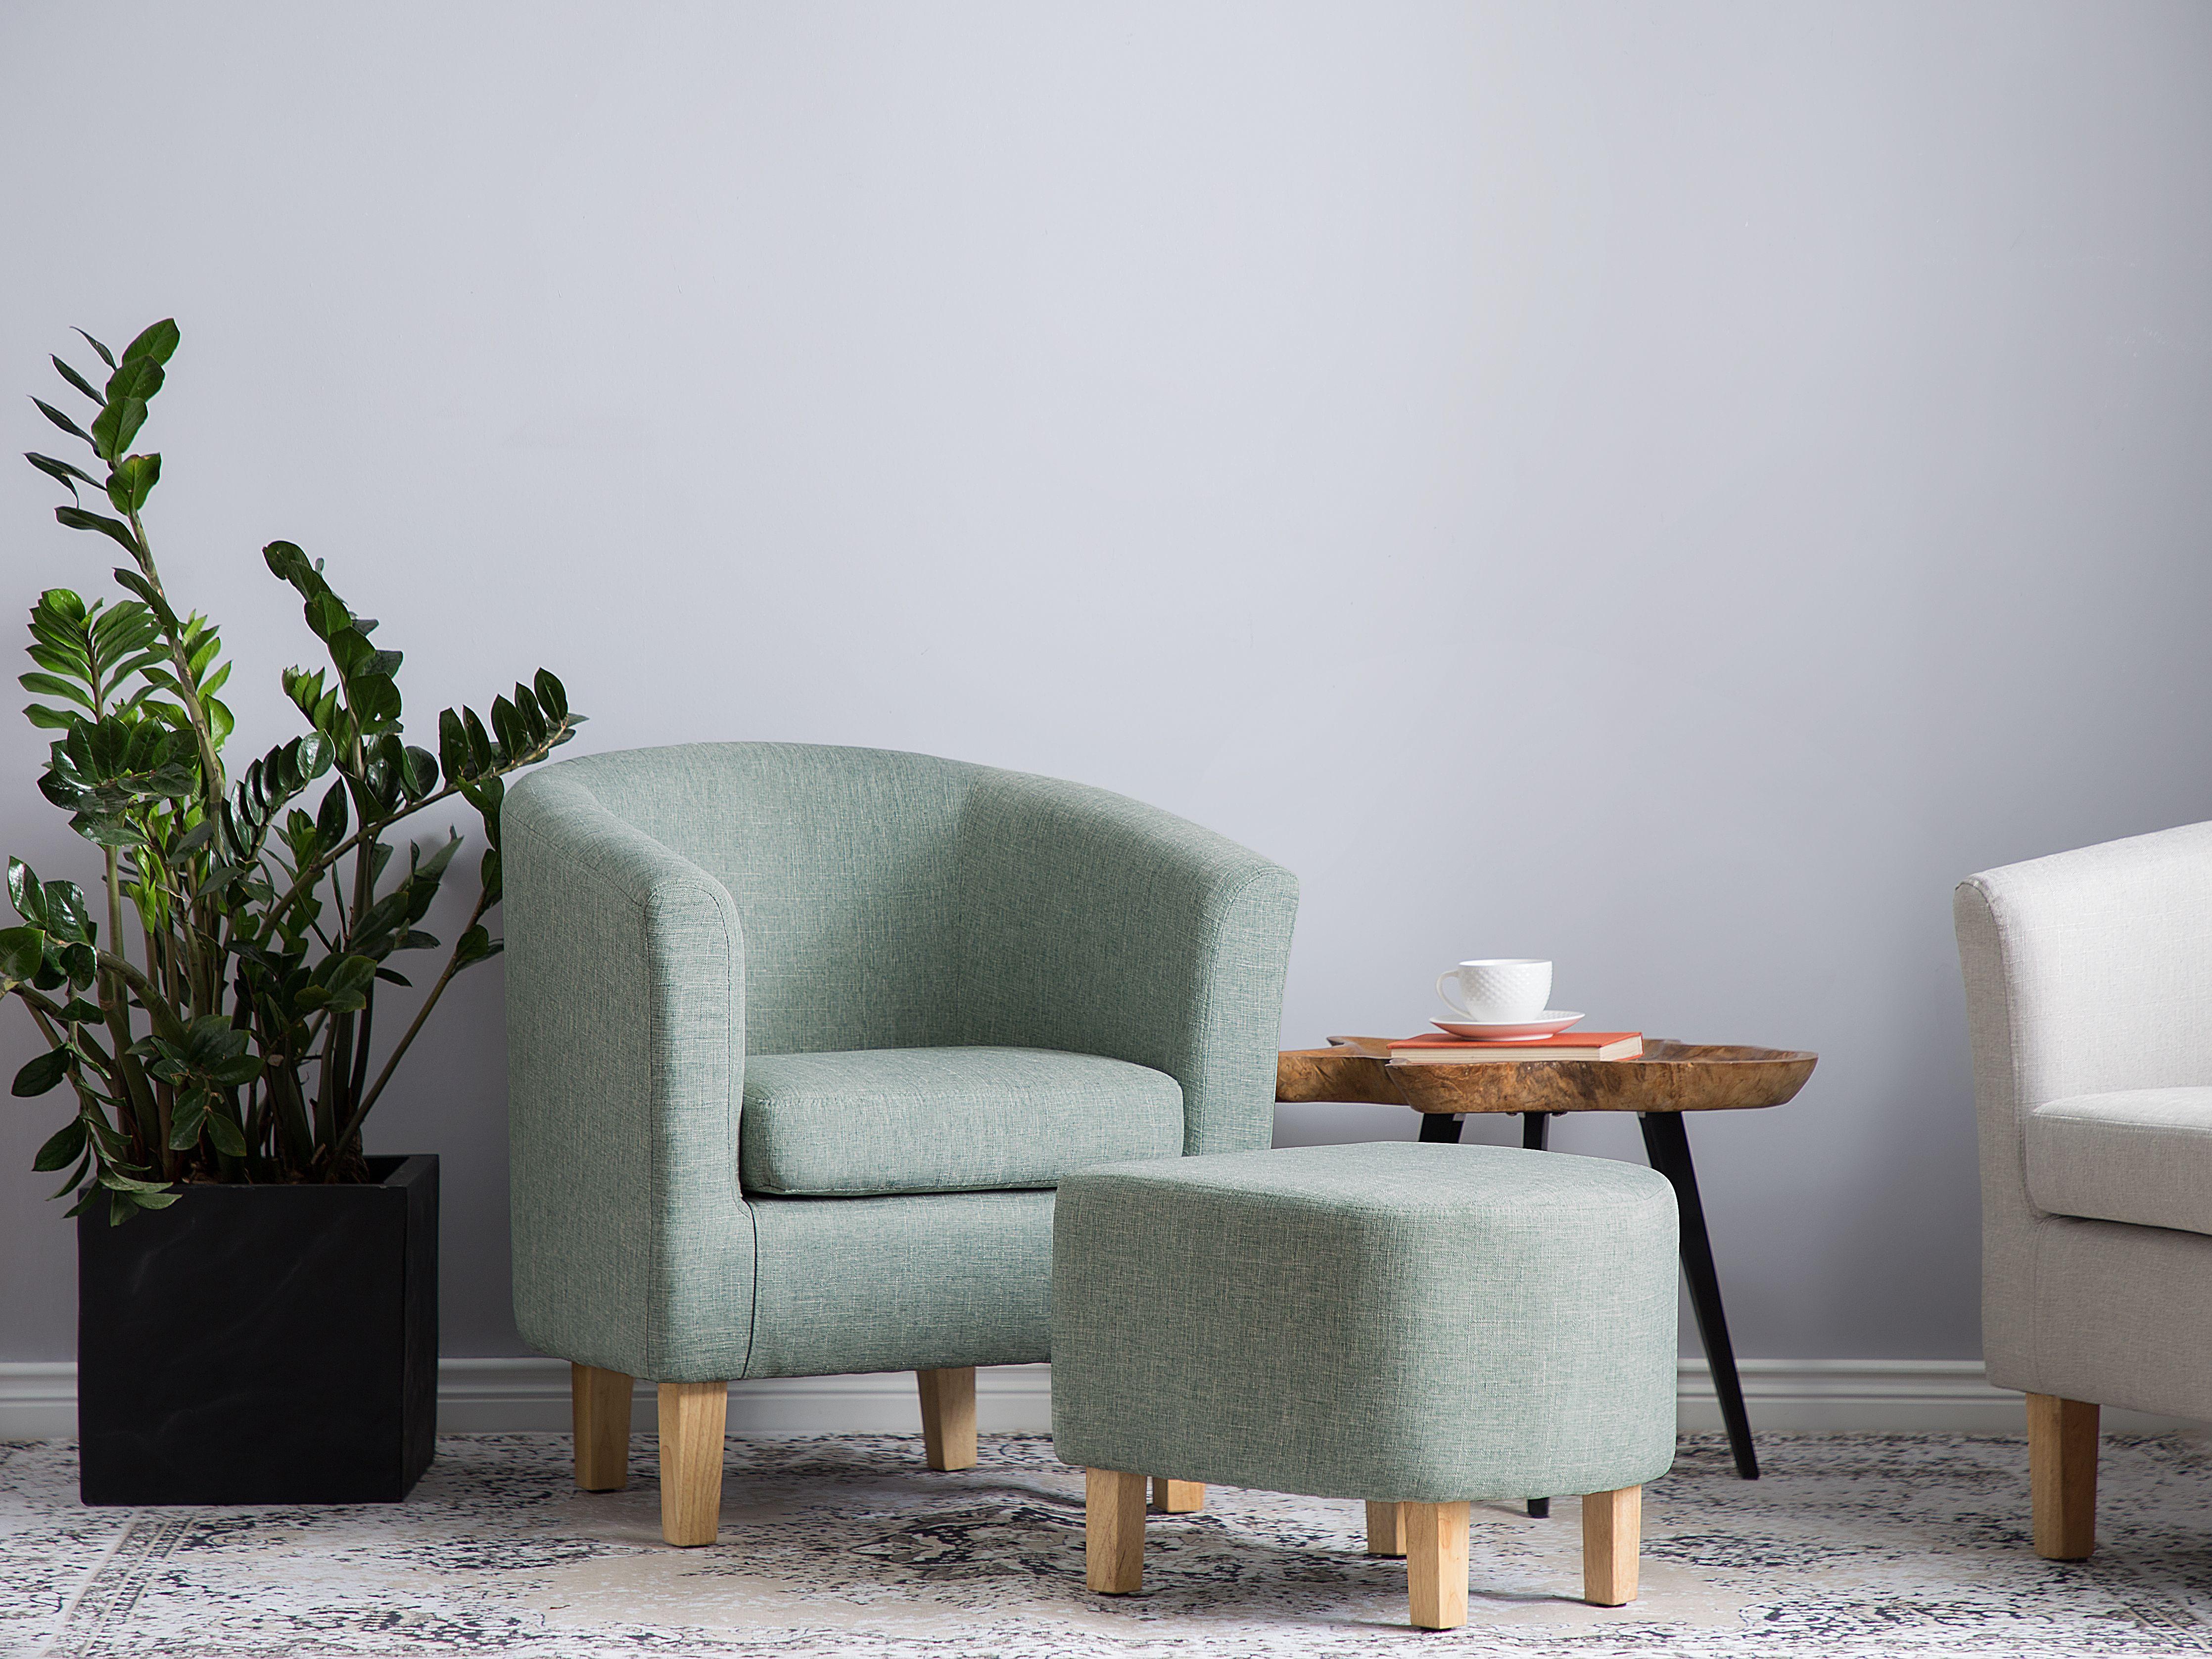 Fauteuil en tissu vert Holden | Tissu fauteuil, Mobilier de